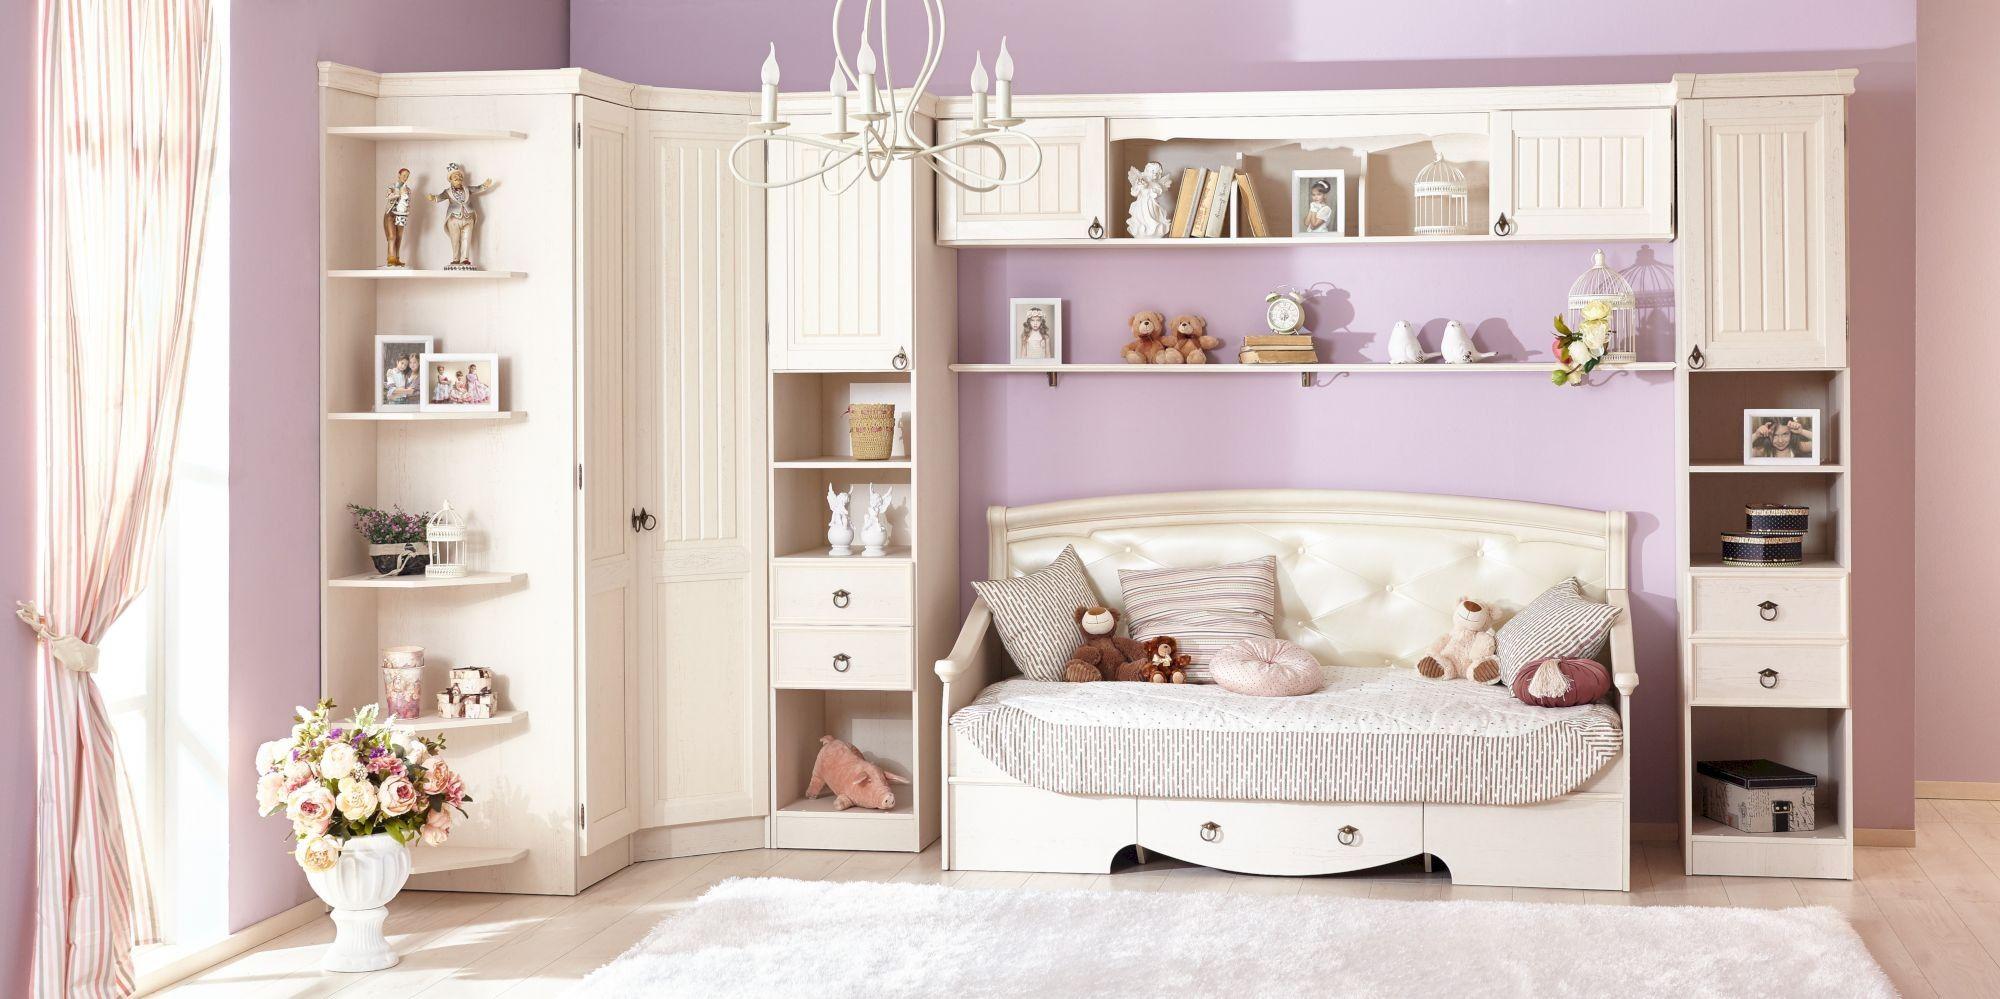 Attraktiv Kinderzimer Referenz Von Mädchen Kinderzimmer Sommer 2 Variante